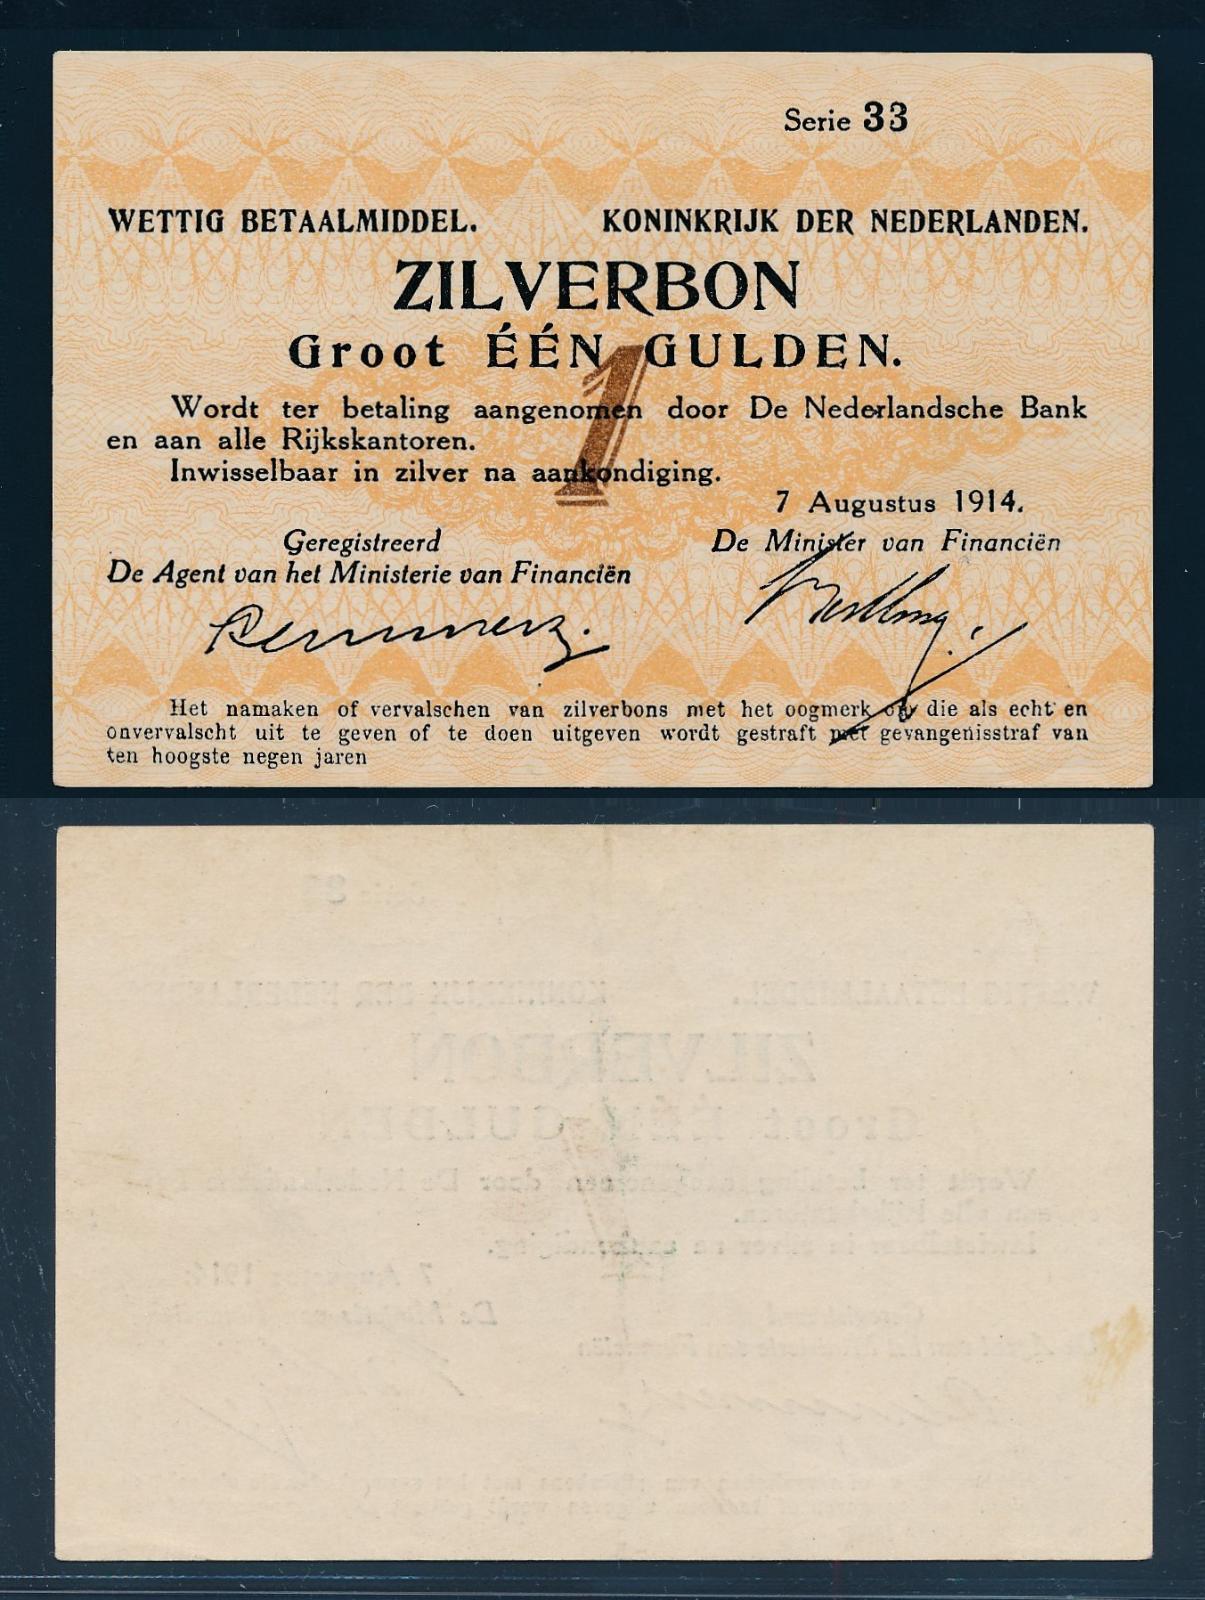 Nederland 1914 1 Gulden Zilverbon